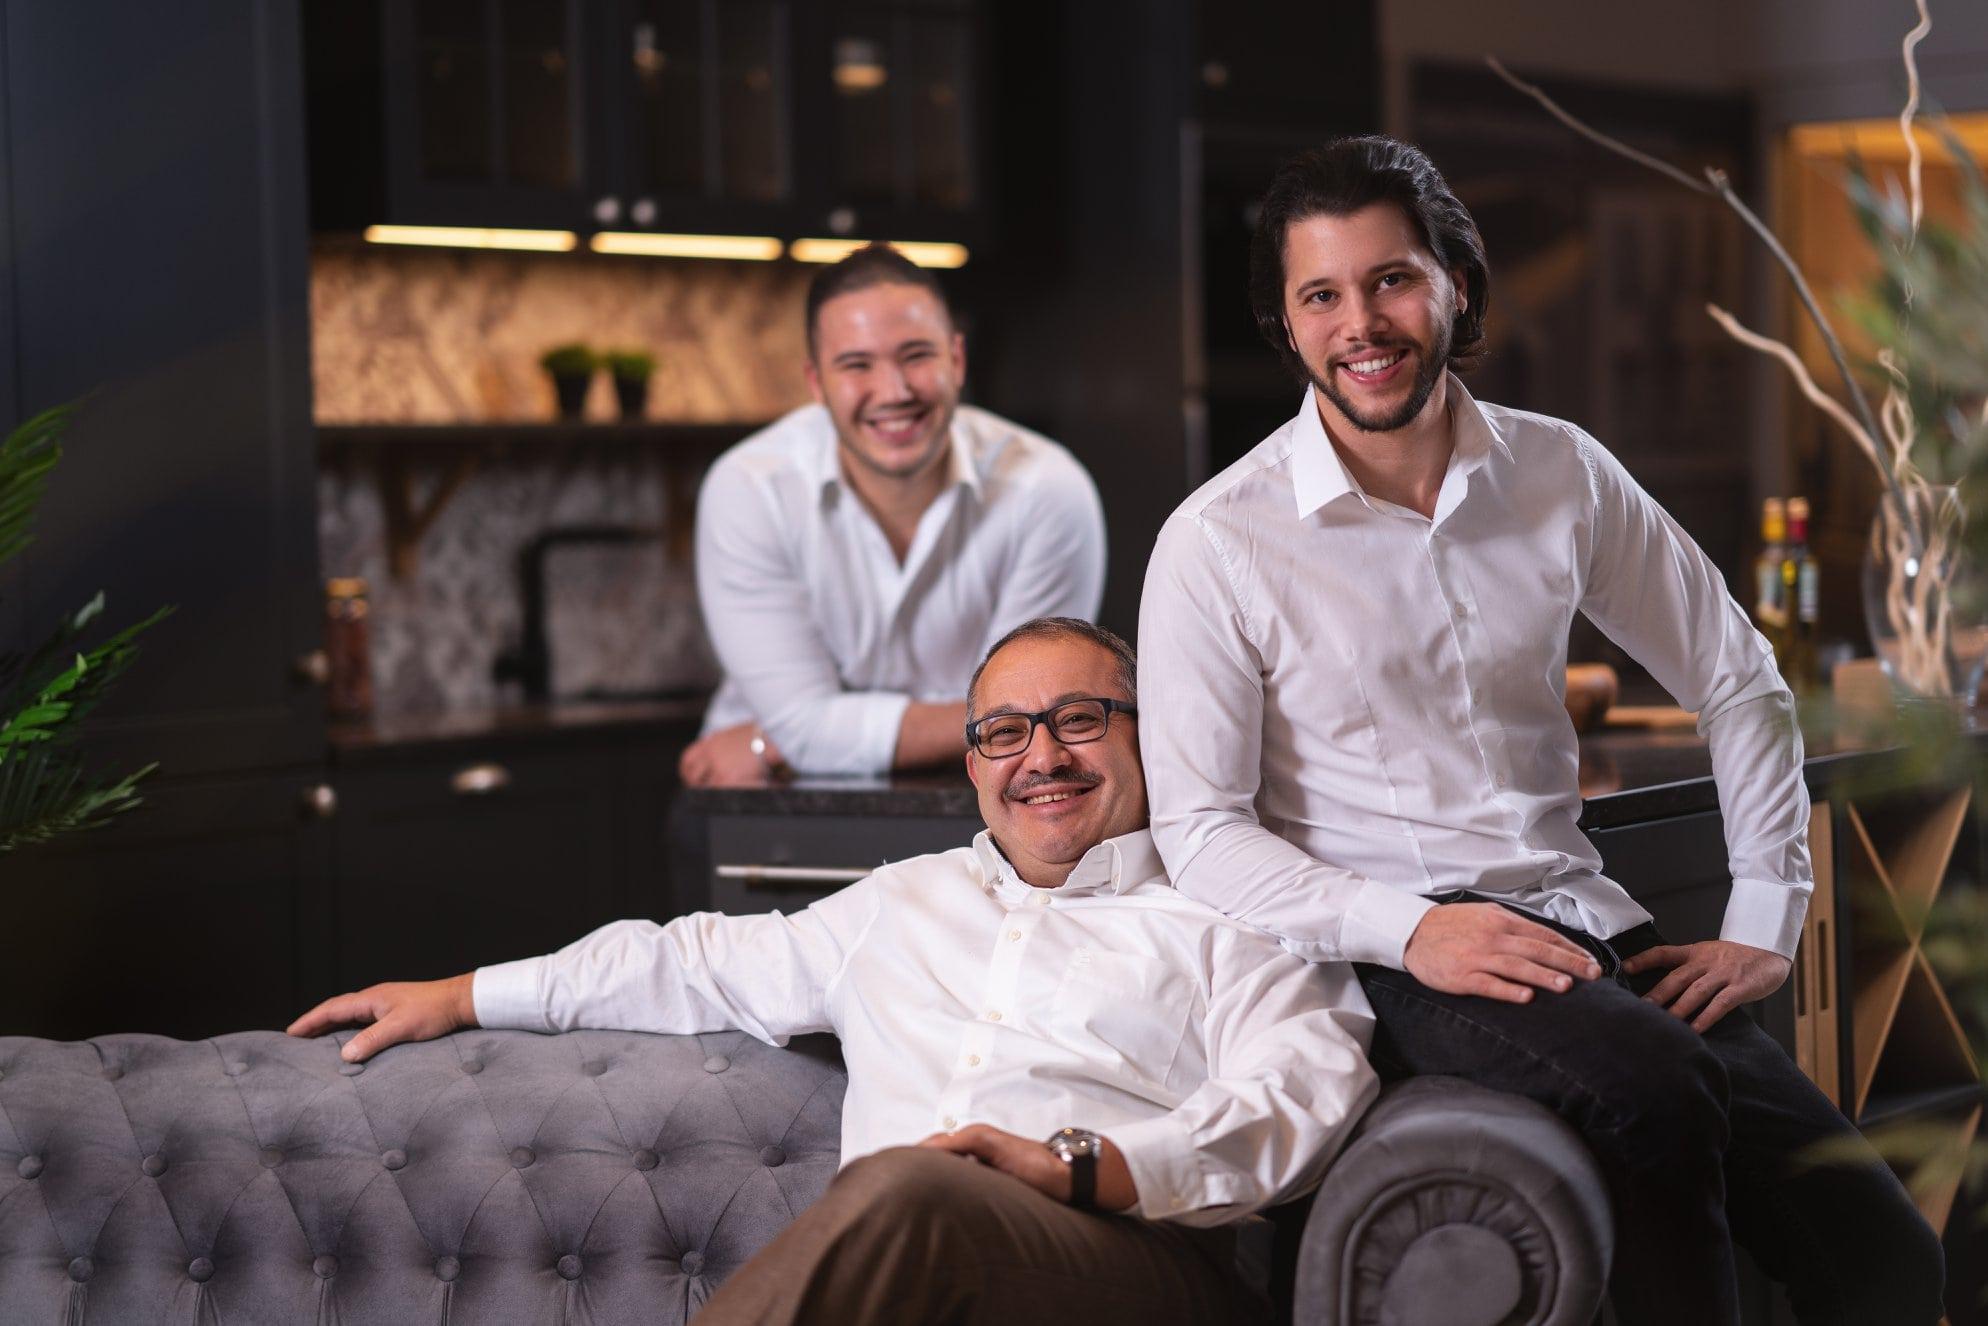 Das offiziellen Teambild des familiengeführten Kuechenstudio segakuechen in lustenau